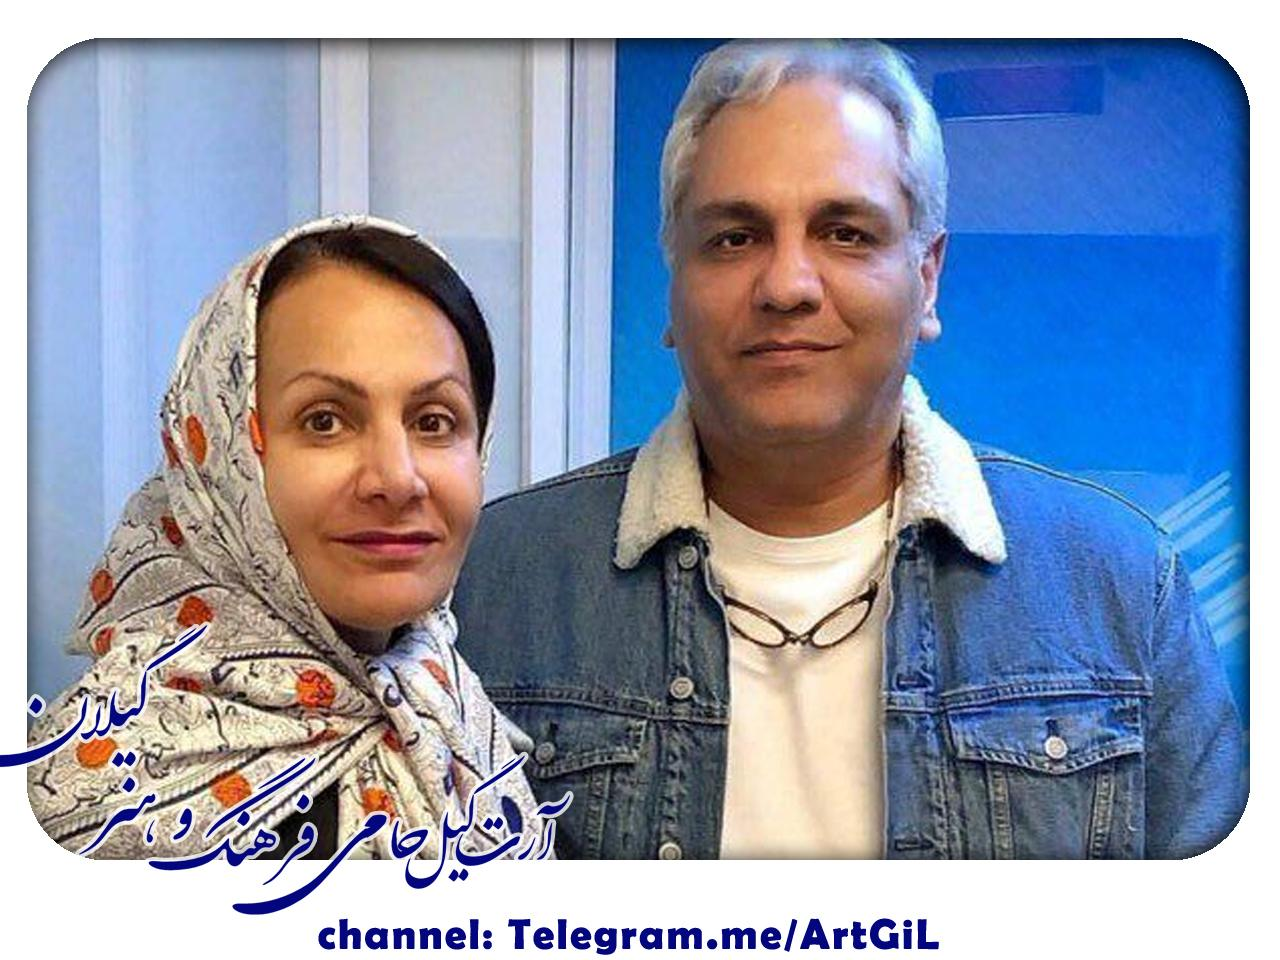 مهران مدیری از همسرش رونمایی کرد + عکس